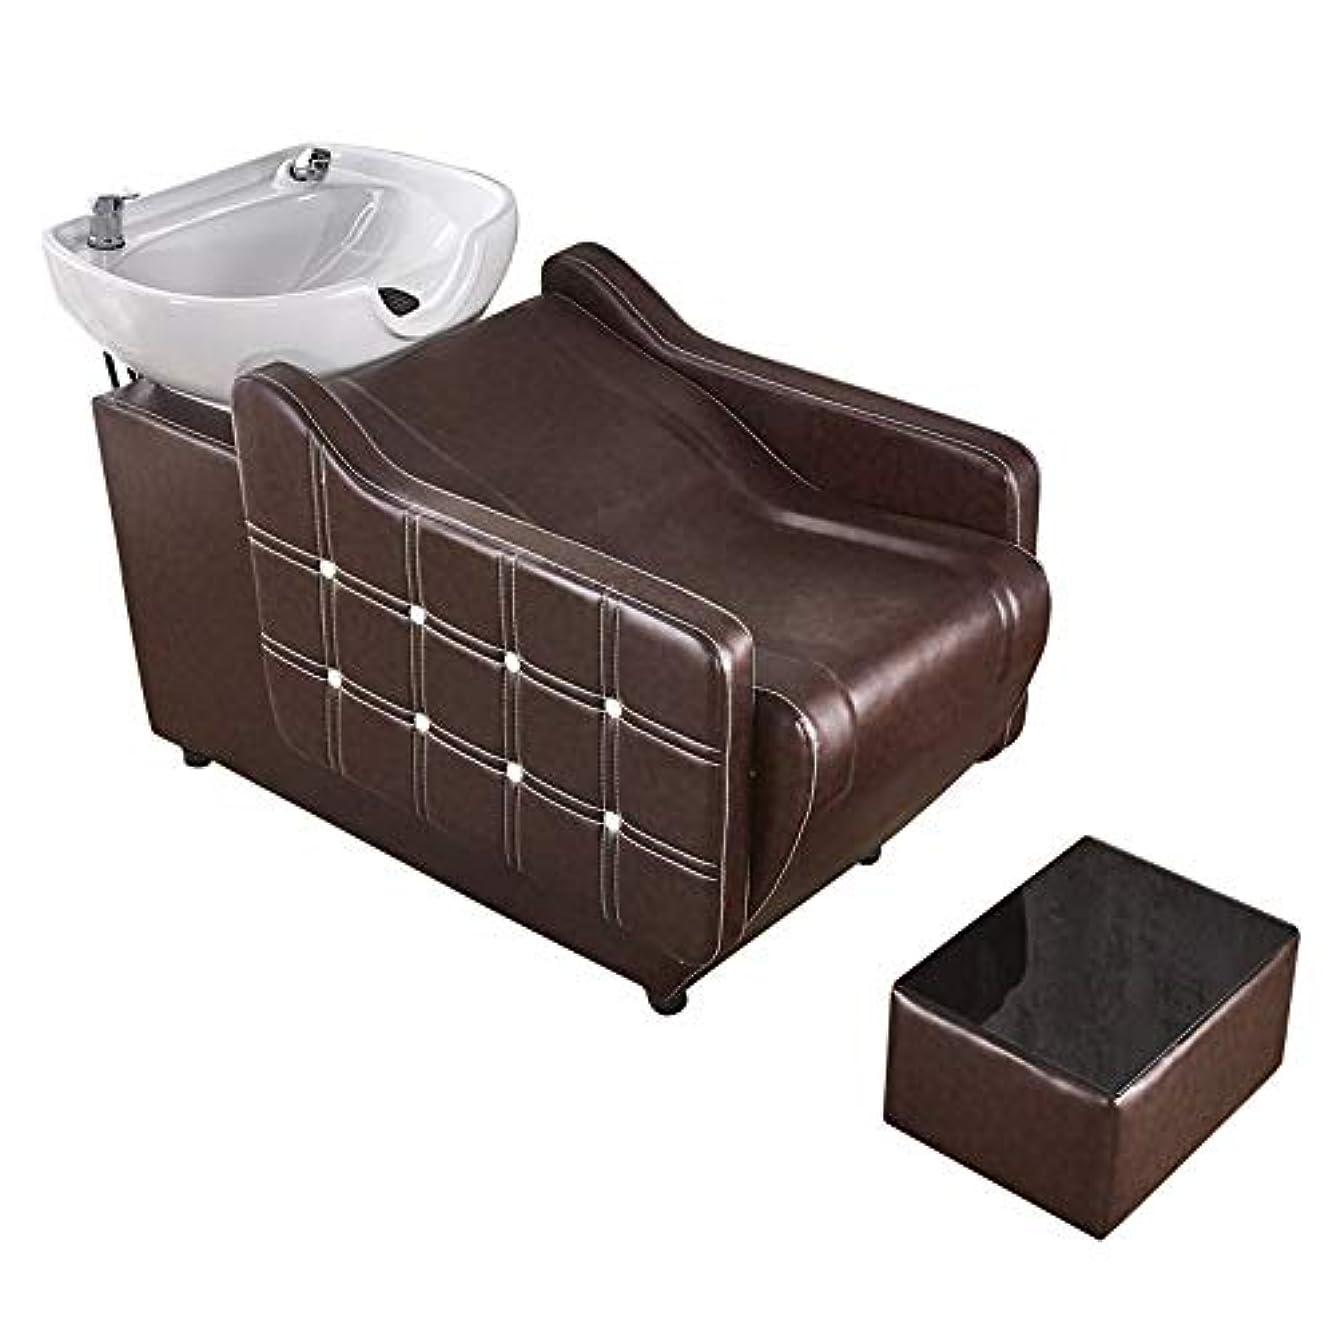 慣習ワーカー香水シャンプーチェア、理髪店の逆洗ユニットシャンプーボウル理髪シンクの椅子用スパ美容院